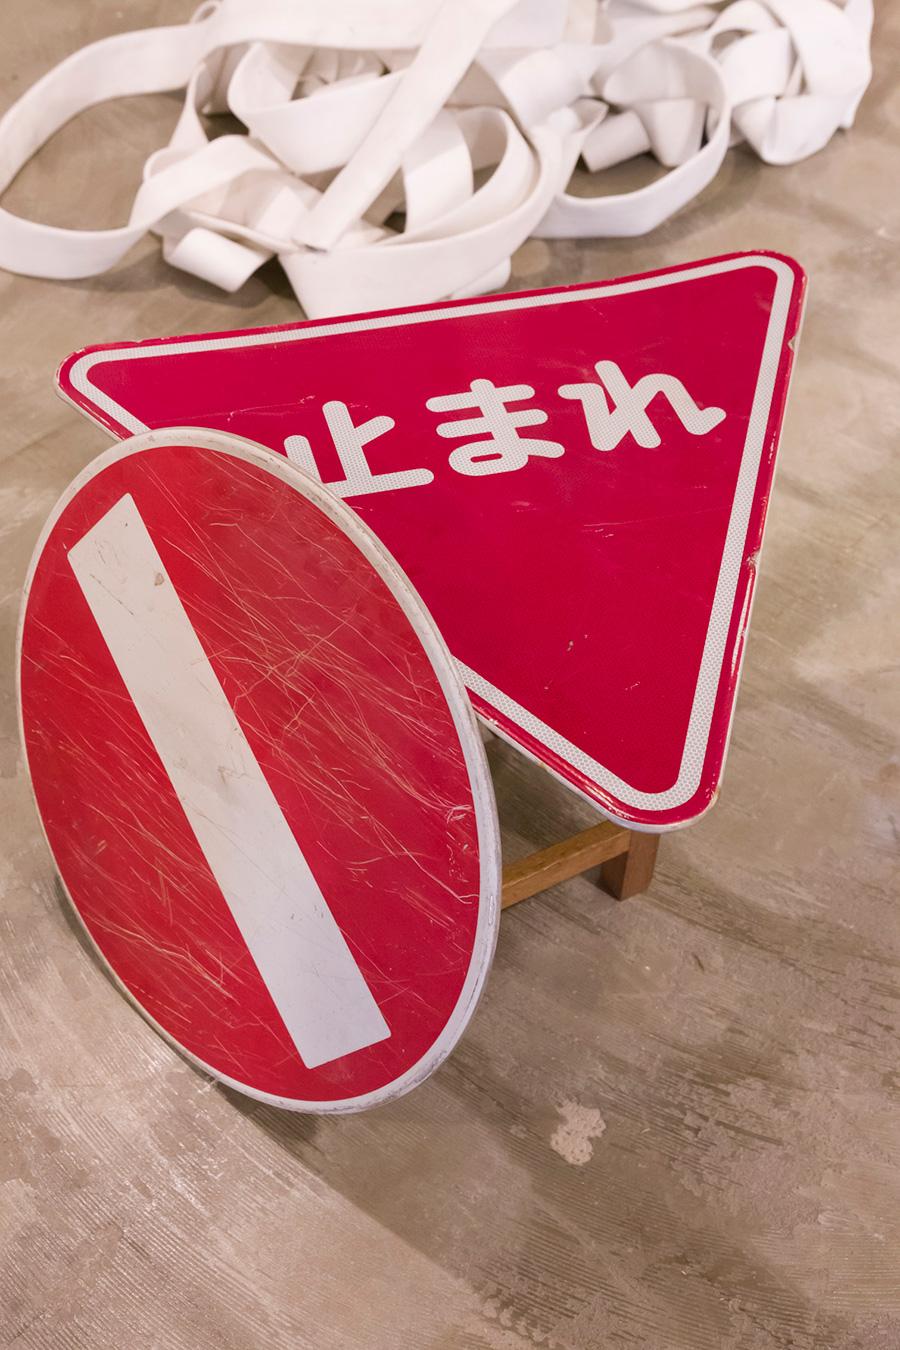 道路標識も鉄屑にしてしまう前にそのままリメイクすれば、アイディア次第でユニークな使い方ができそうだ。